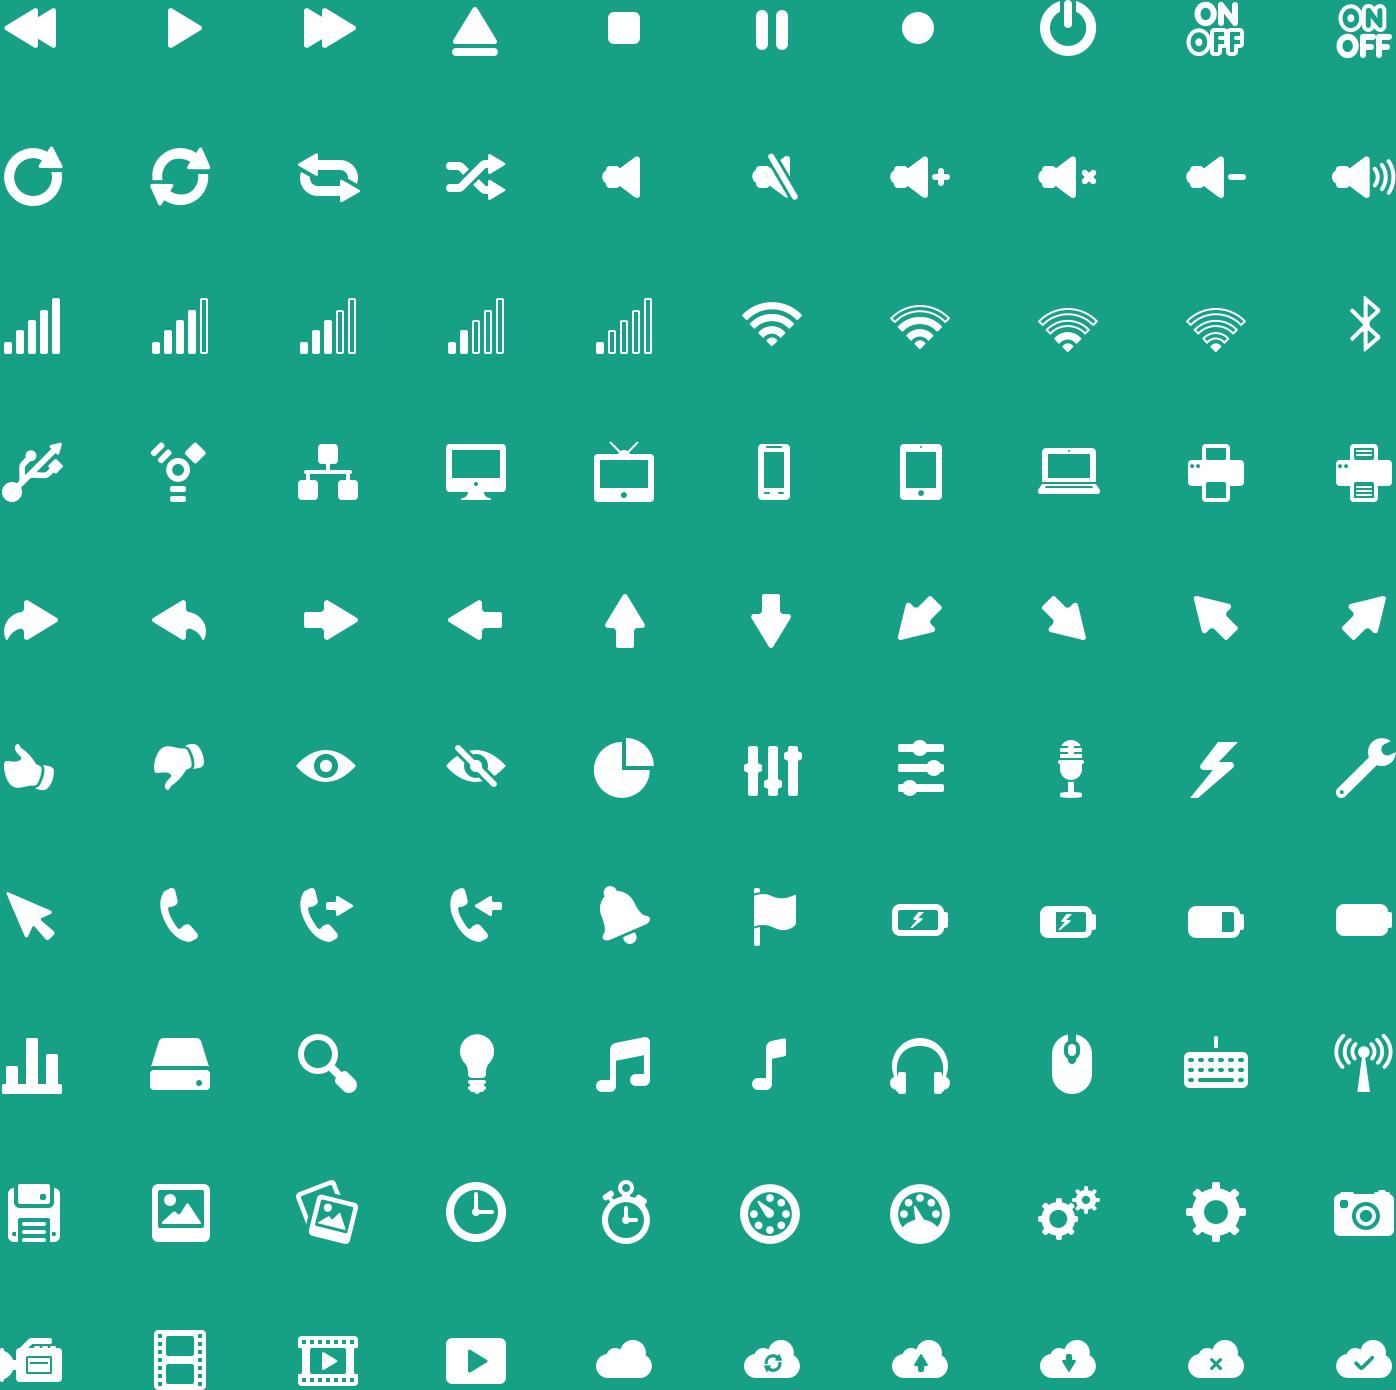 Media Glyph Icons